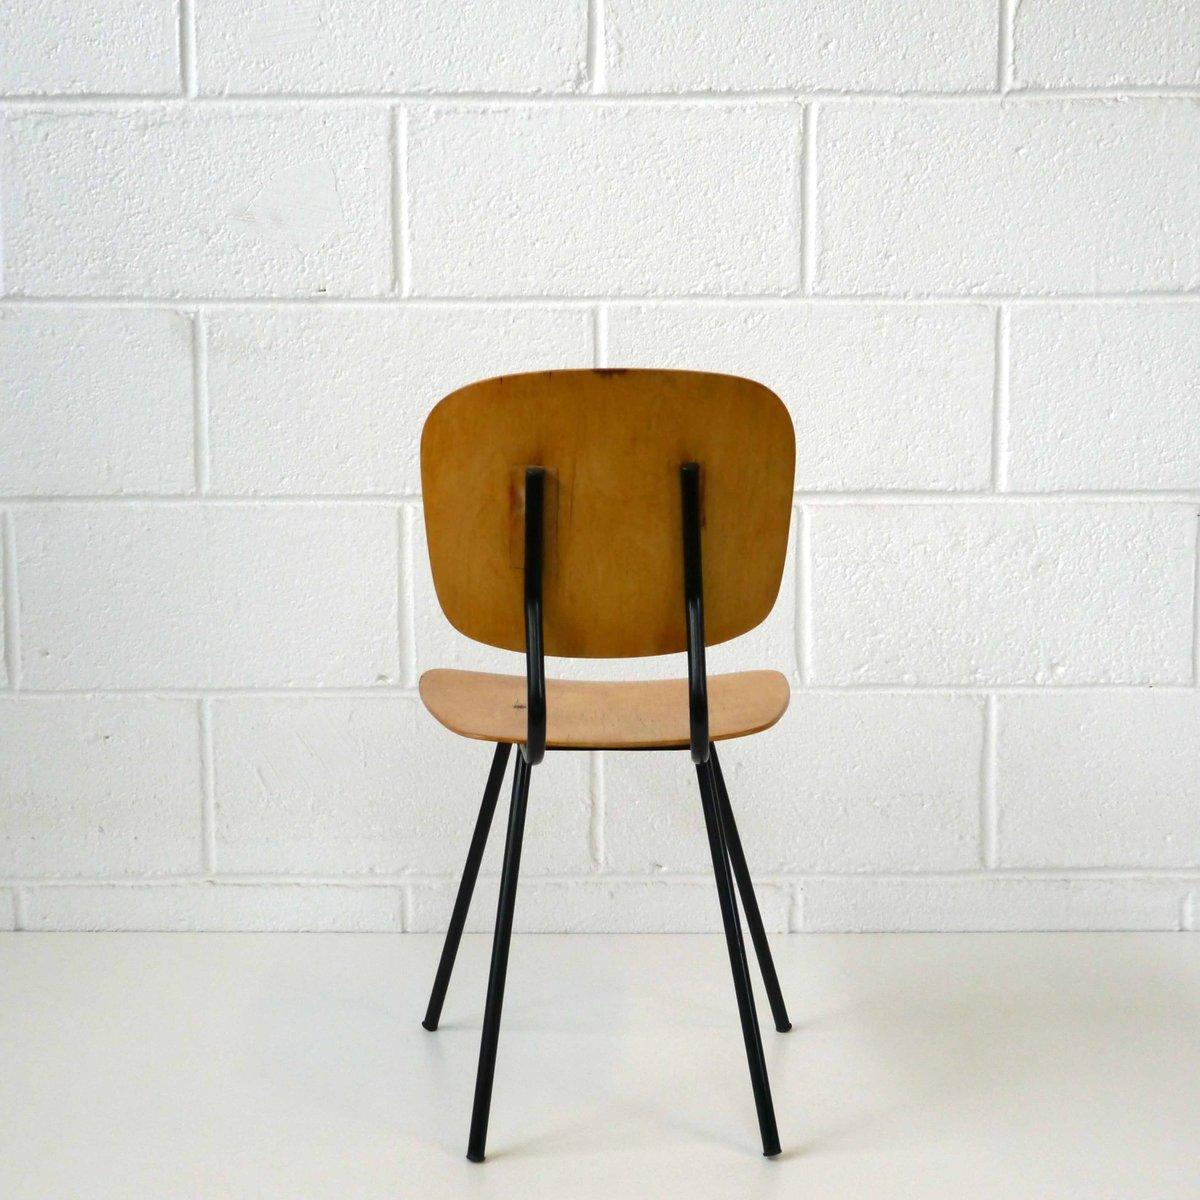 chaise pour enfant vintage 1960s en vente sur pamono. Black Bedroom Furniture Sets. Home Design Ideas